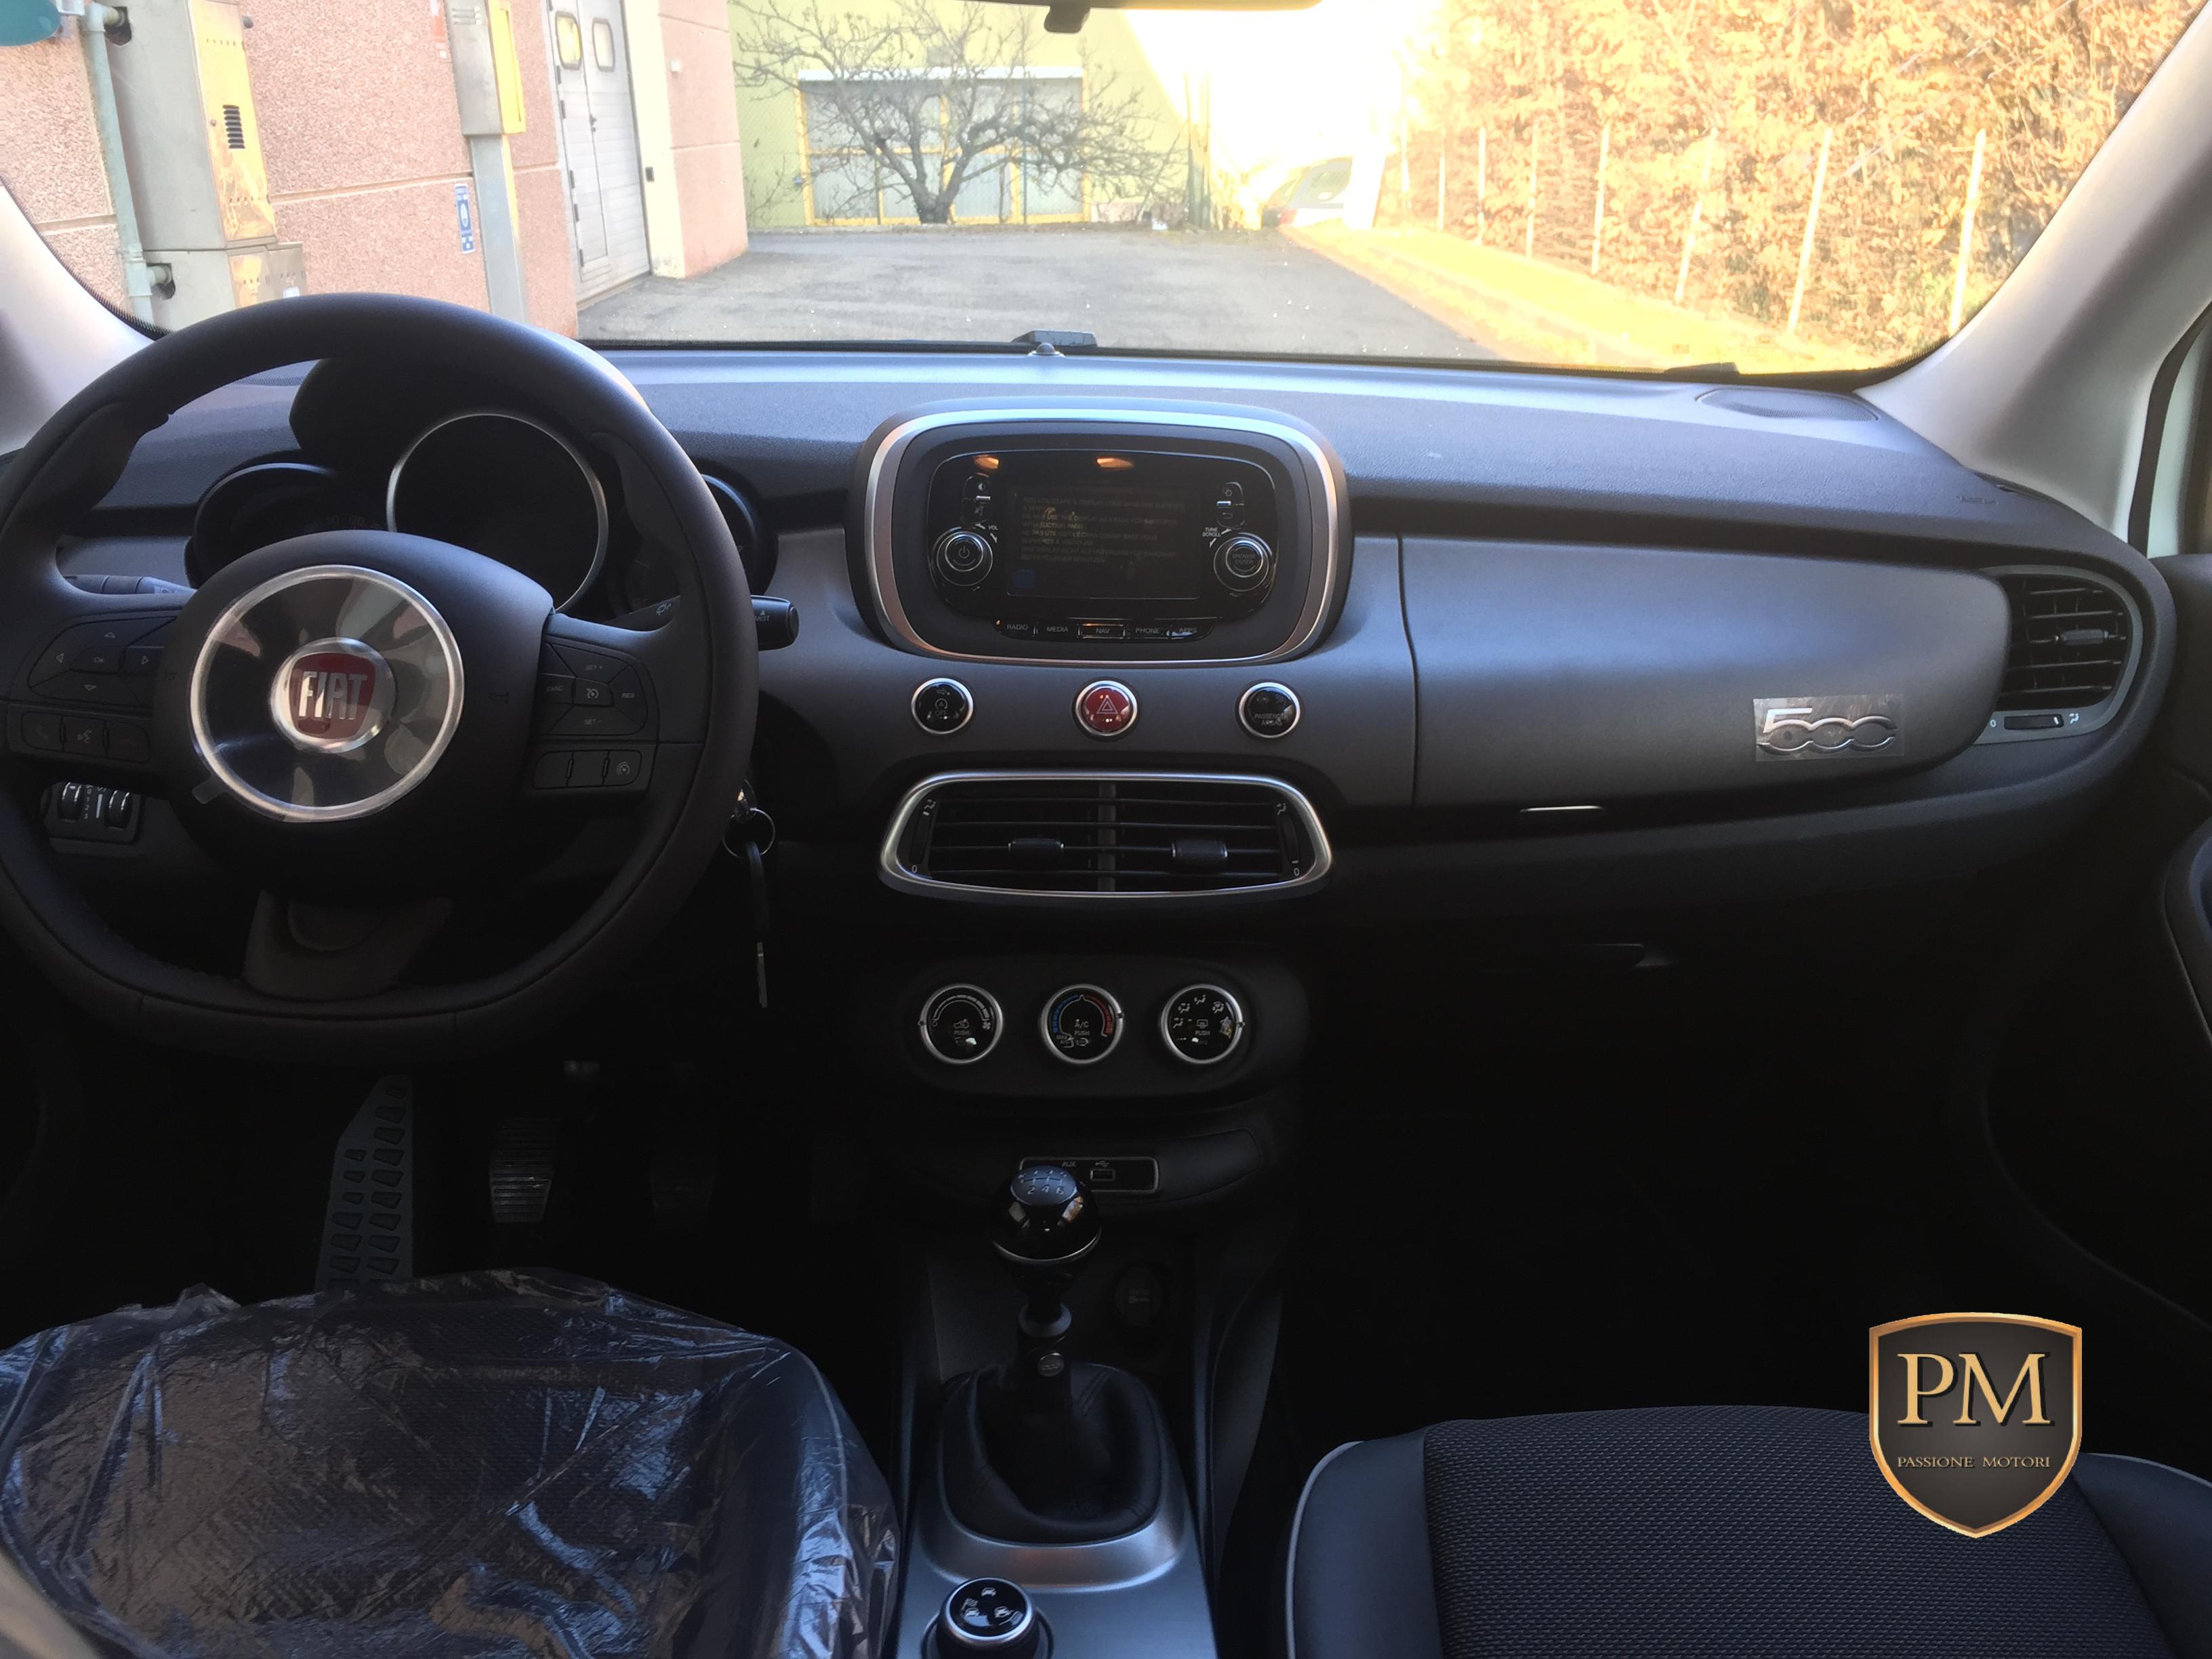 FIAT 500X 1.6 MJT BIANCA 5